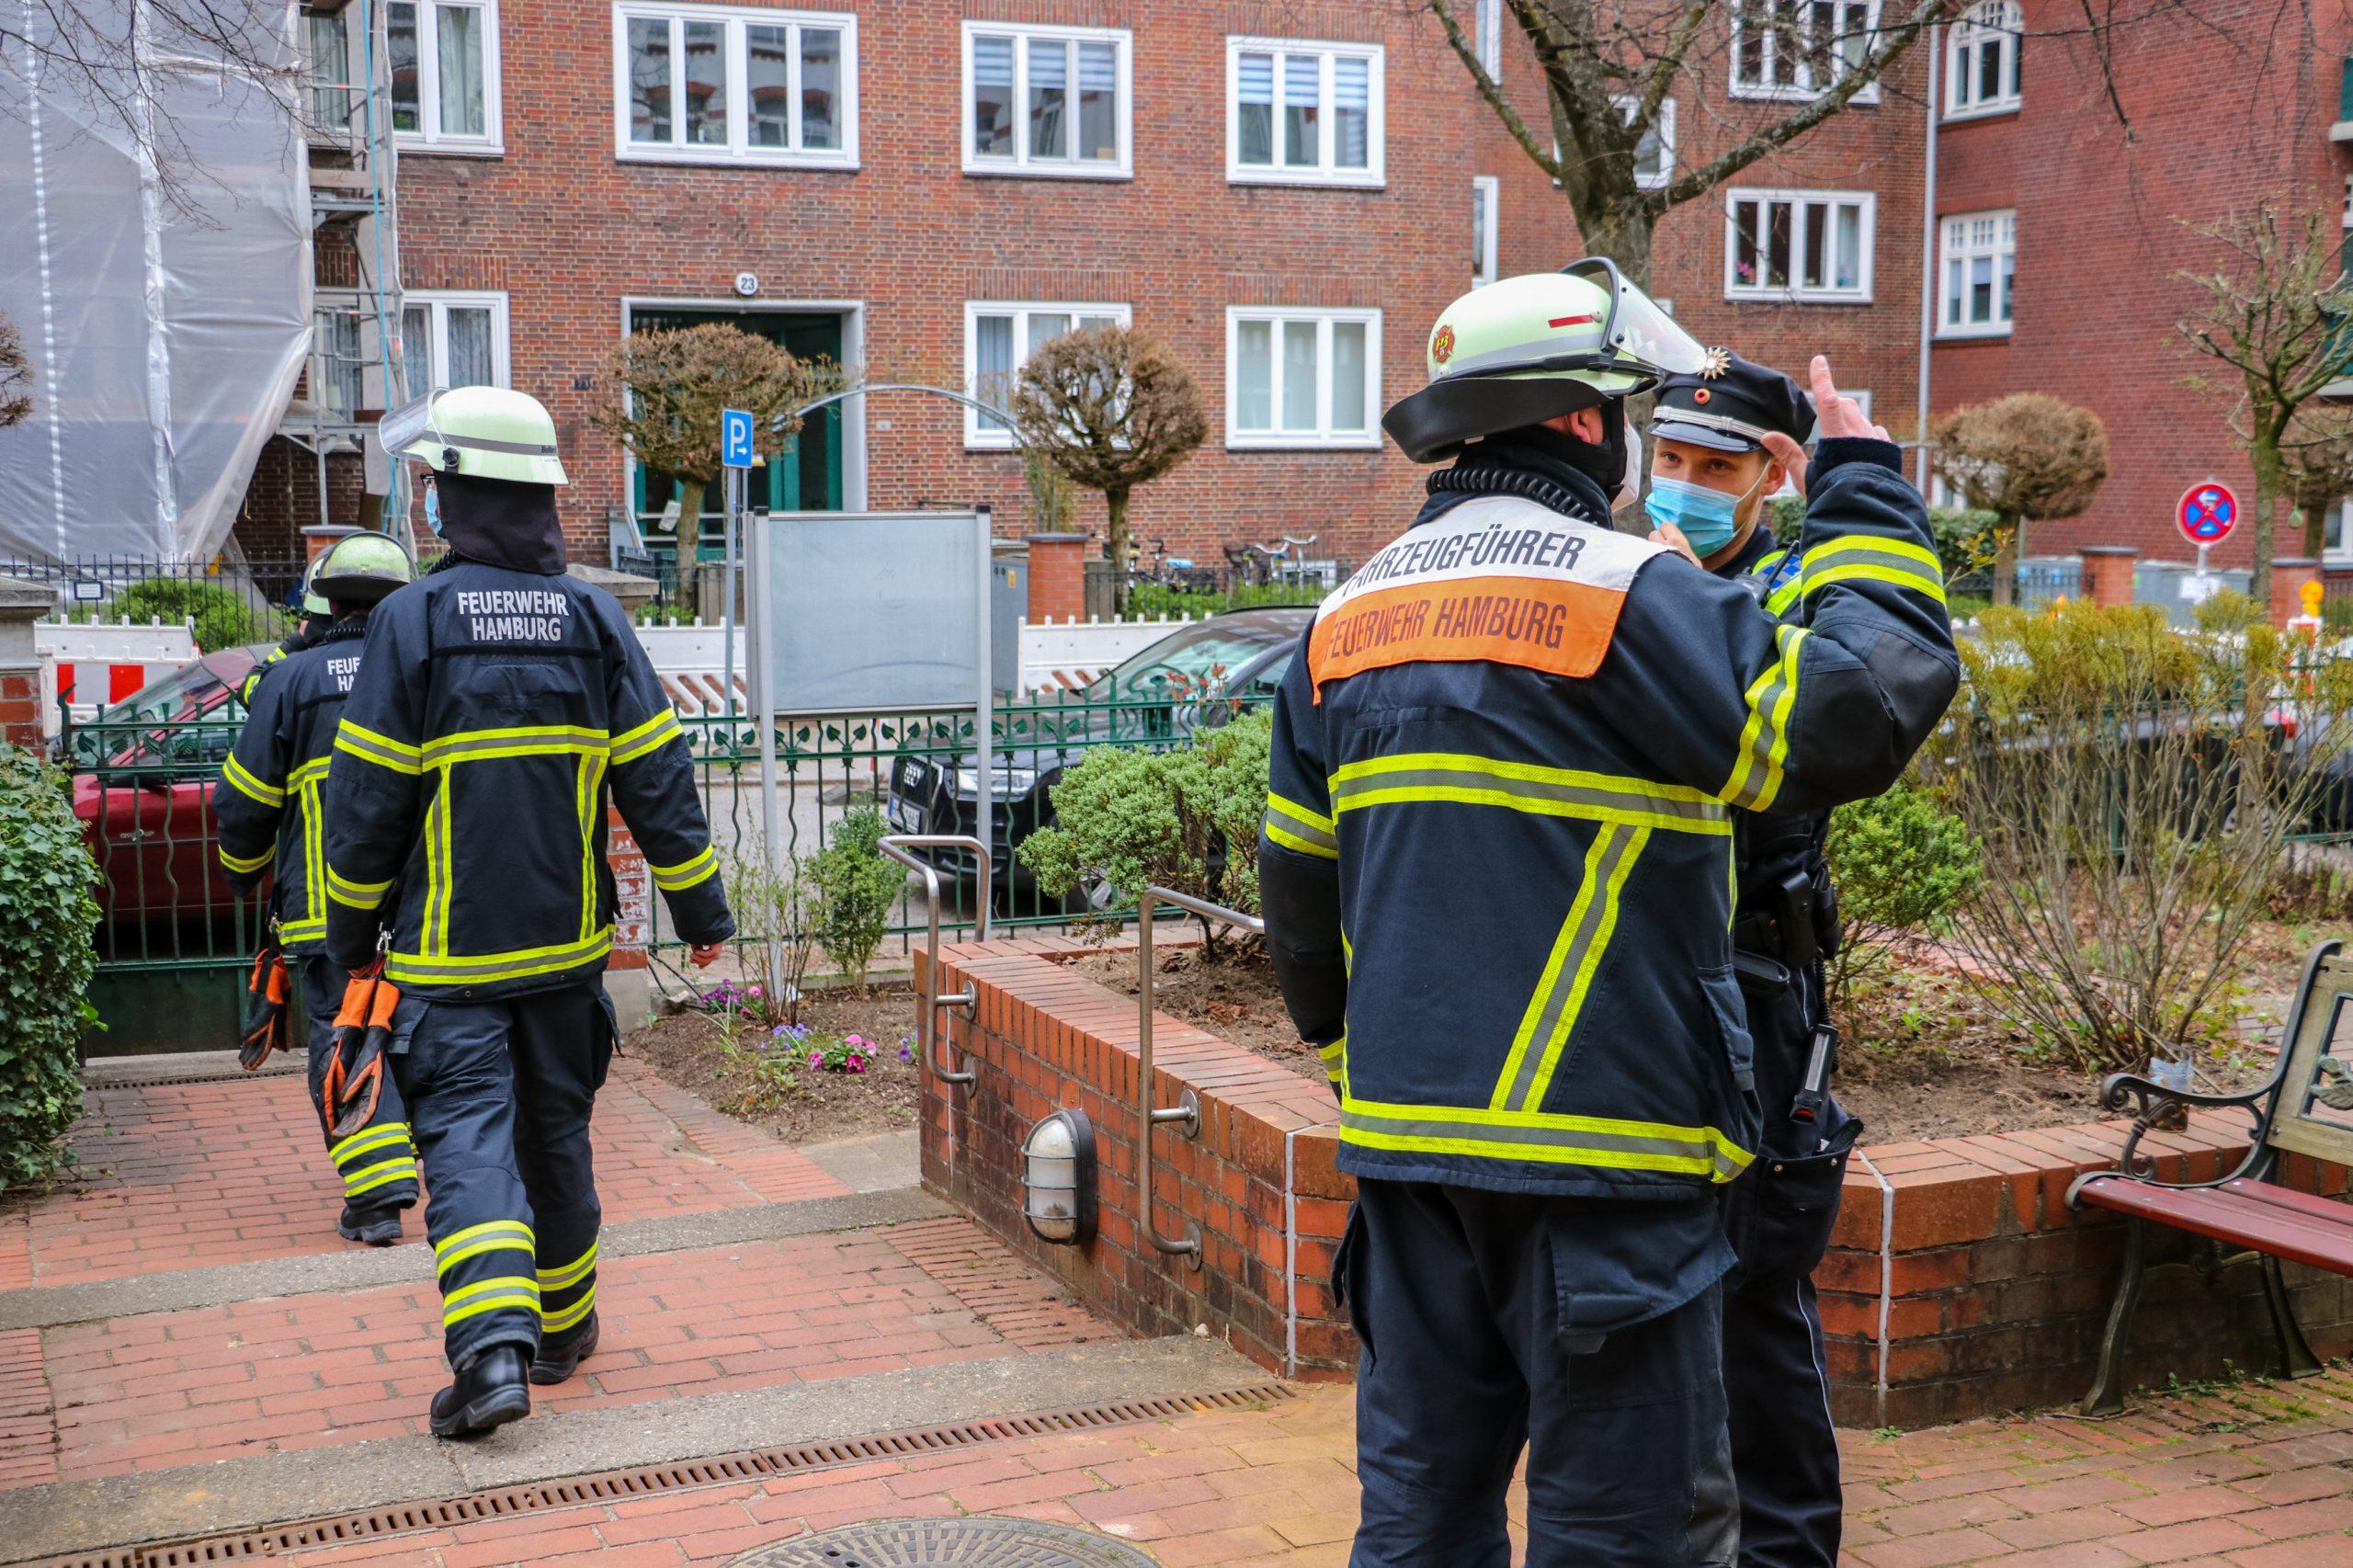 Mittagessen-angebrannt-Feuerwehr-r-ckt-mit-gro-em-Aufgebot-an-